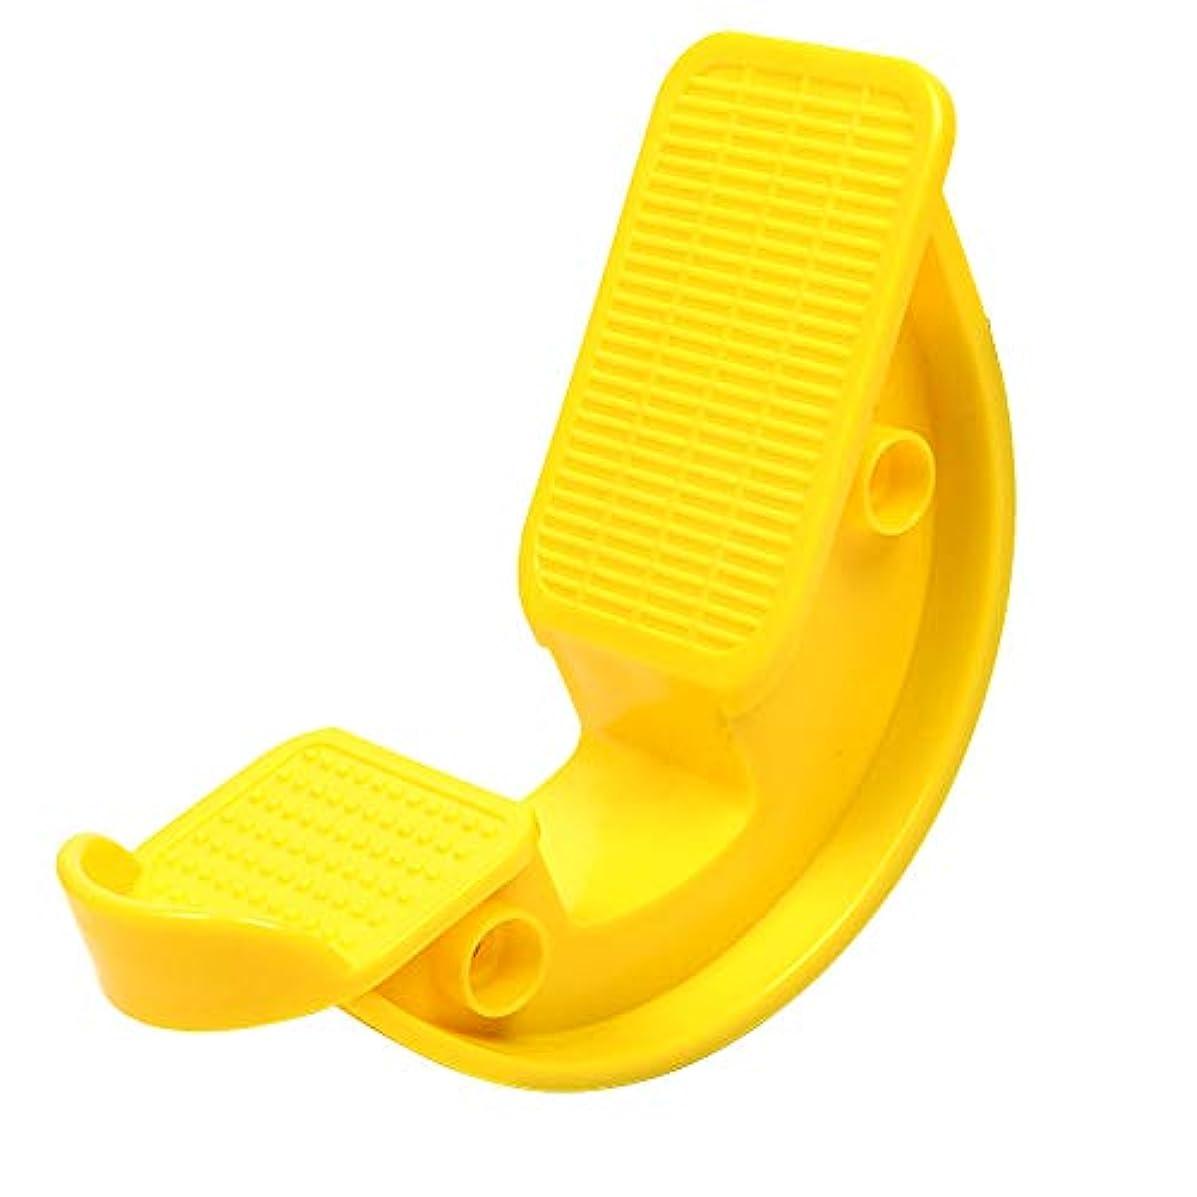 公小人気まぐれな足のロッカーふくらはぎストレッチャーの痛みを軽減し、筋肉ストレッチ、ヨガフィットネス十二指腸筋膜炎腱炎ツールフットロッカー。